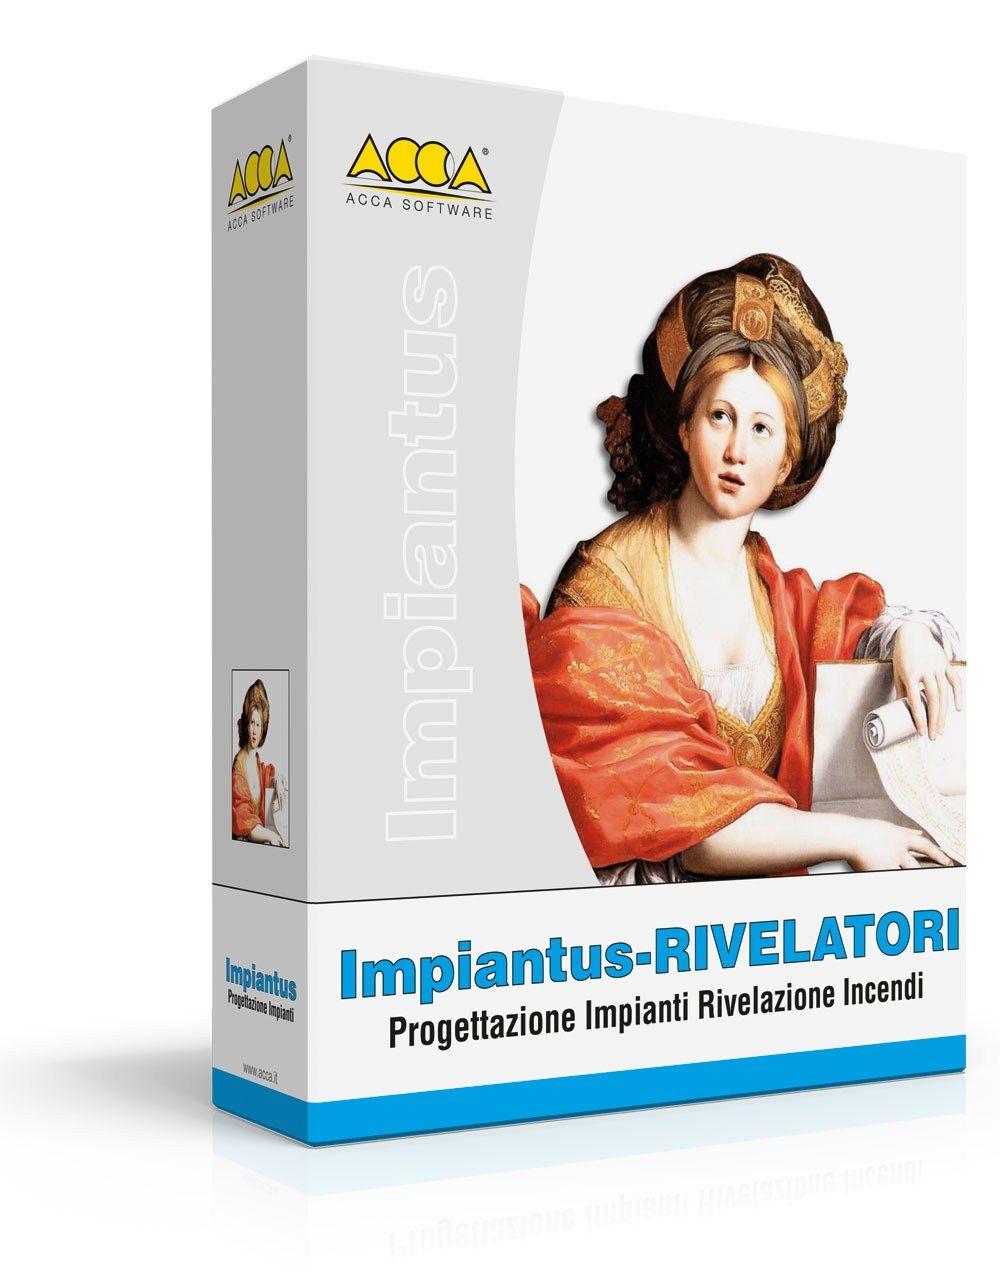 ACCA presenta Impiantus-RIVELATORI